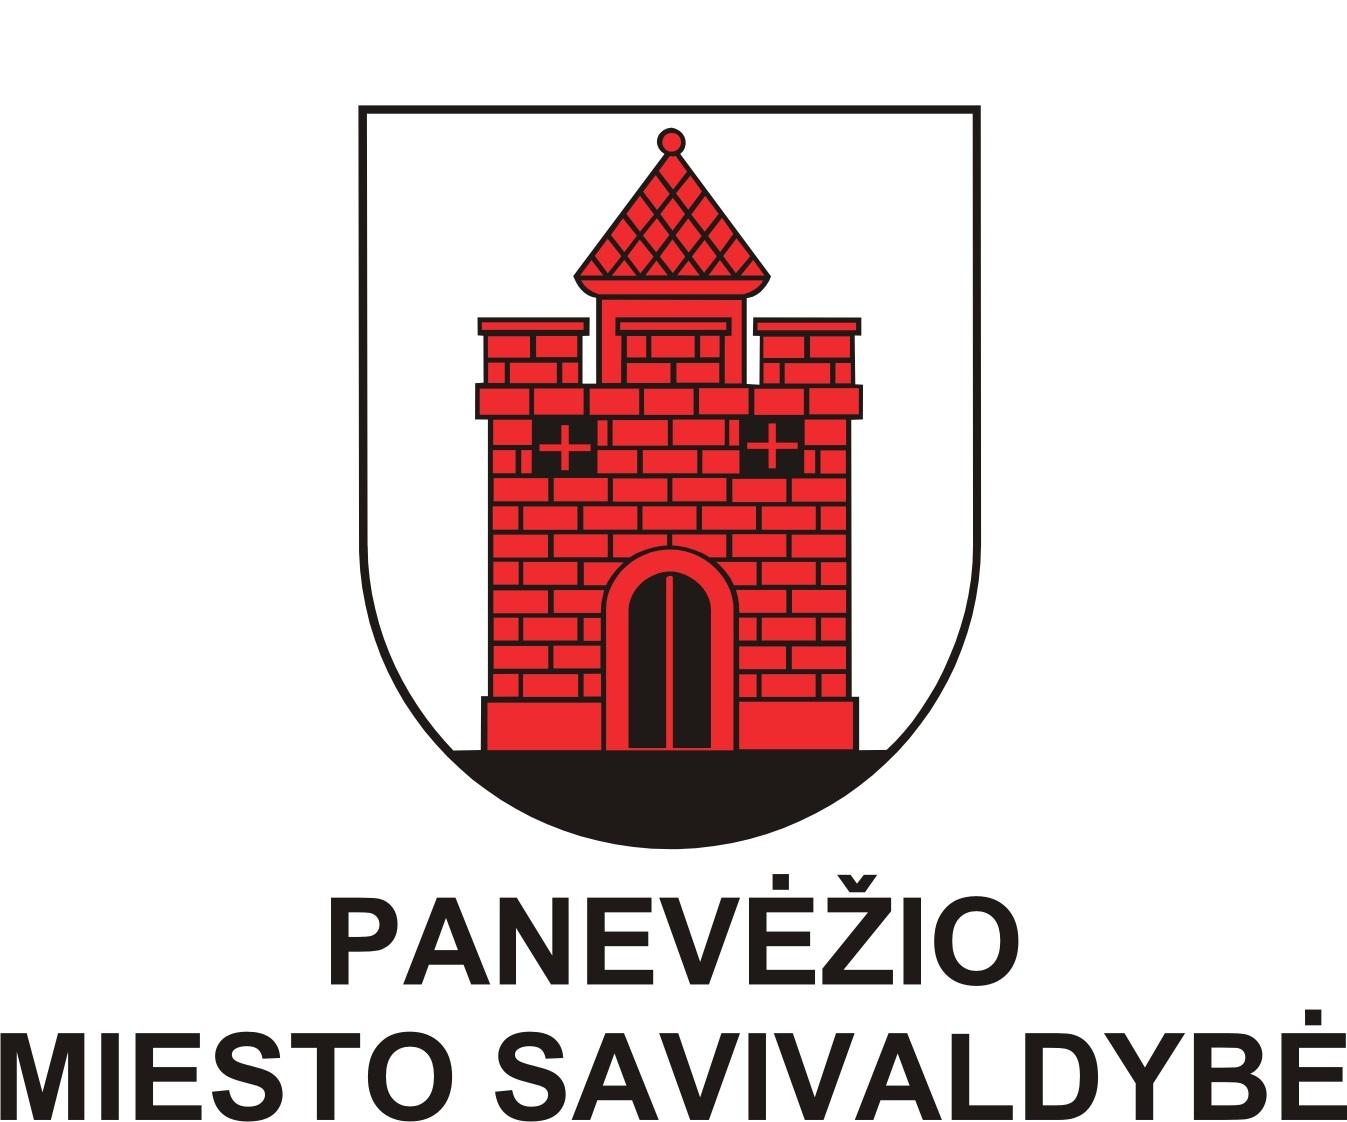 panevezio_miesto_savivaldybe